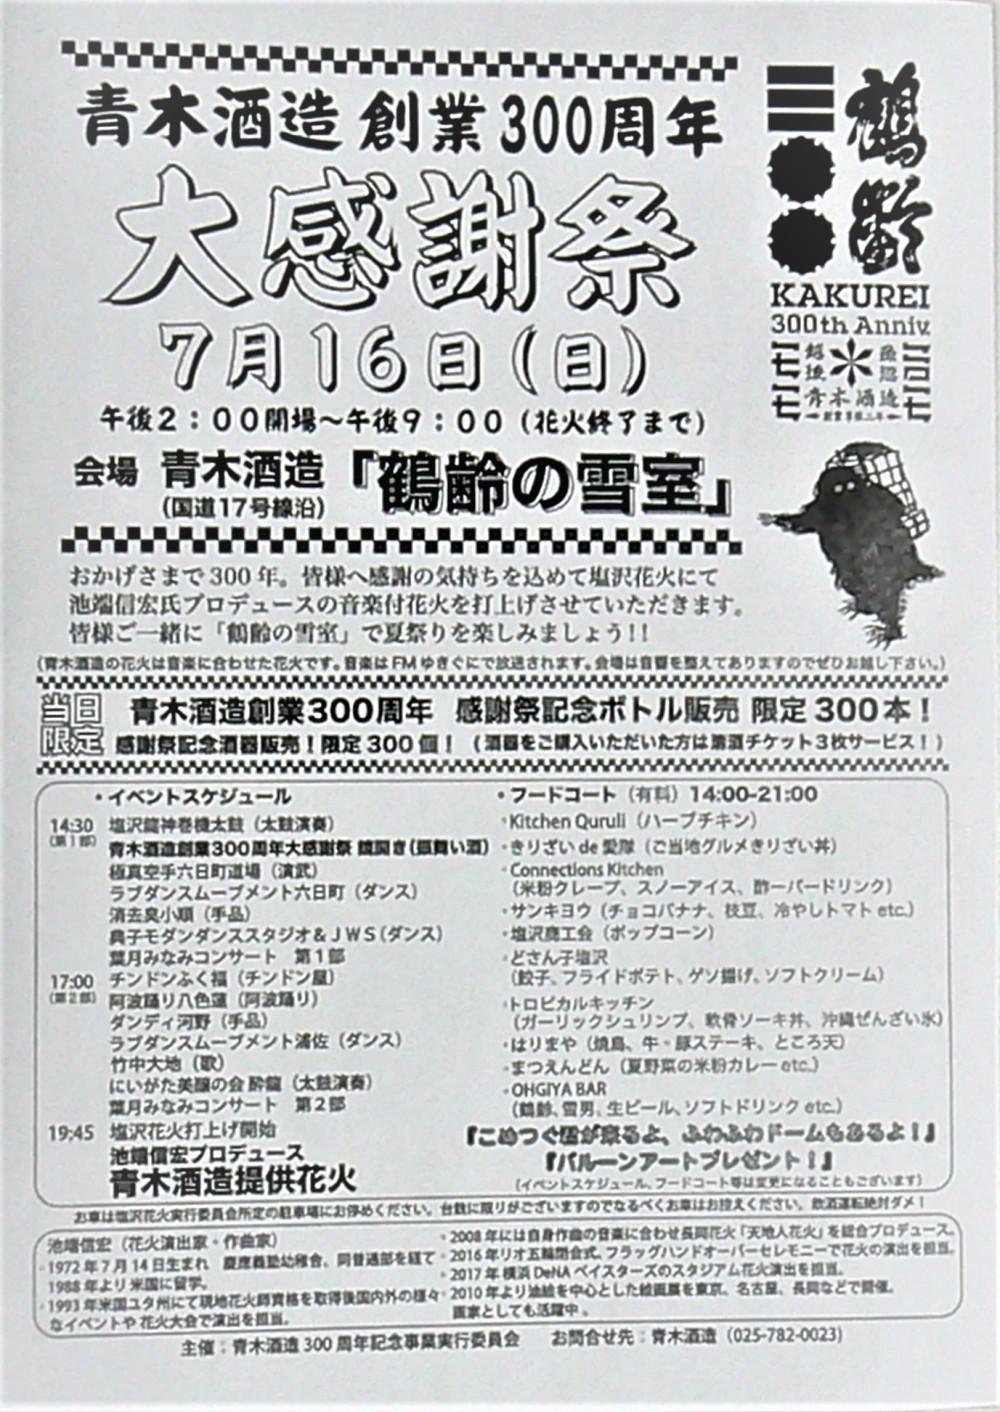 2017.6.鶴齢イベント (2)